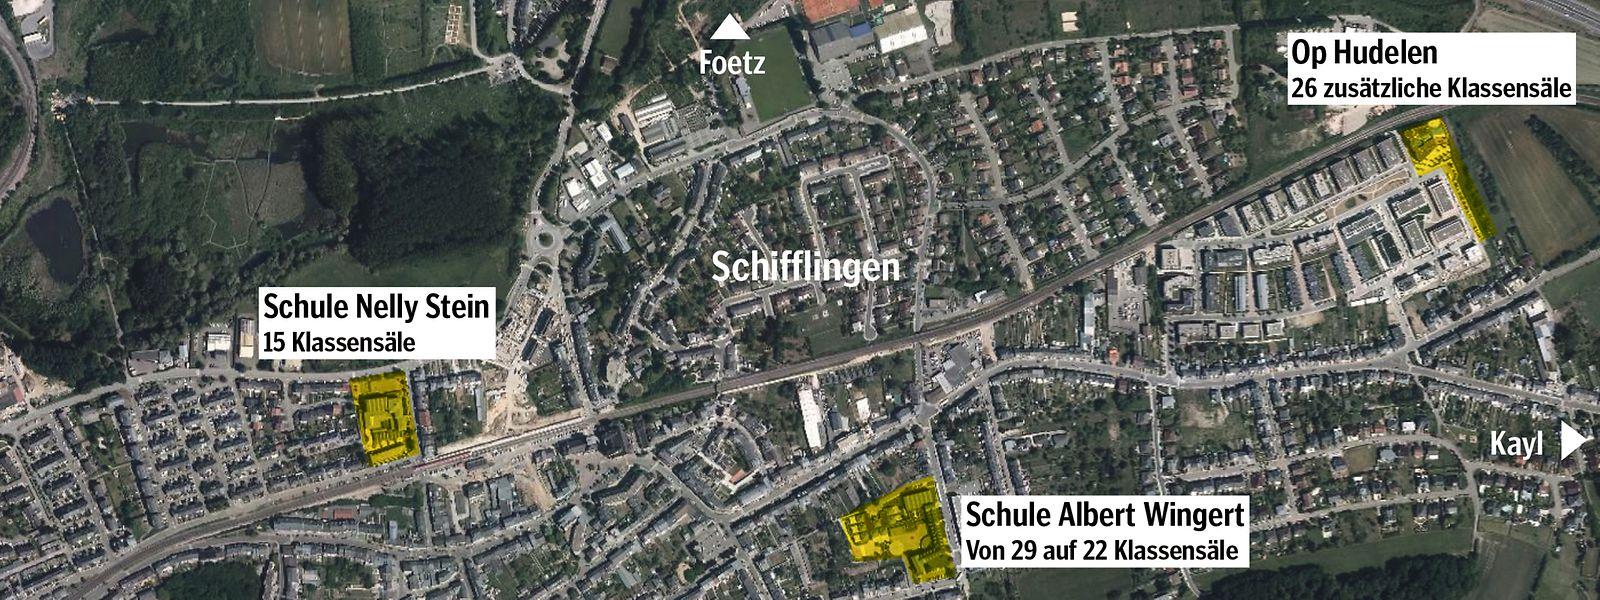 Weil die Schule Lydie Schmith während ihres Umbaus nicht zur Verfügung stehen wird, baut die Gemeinde ein Provisorium Op Hudelen. Später soll dort eine definitive Schule entstehen.